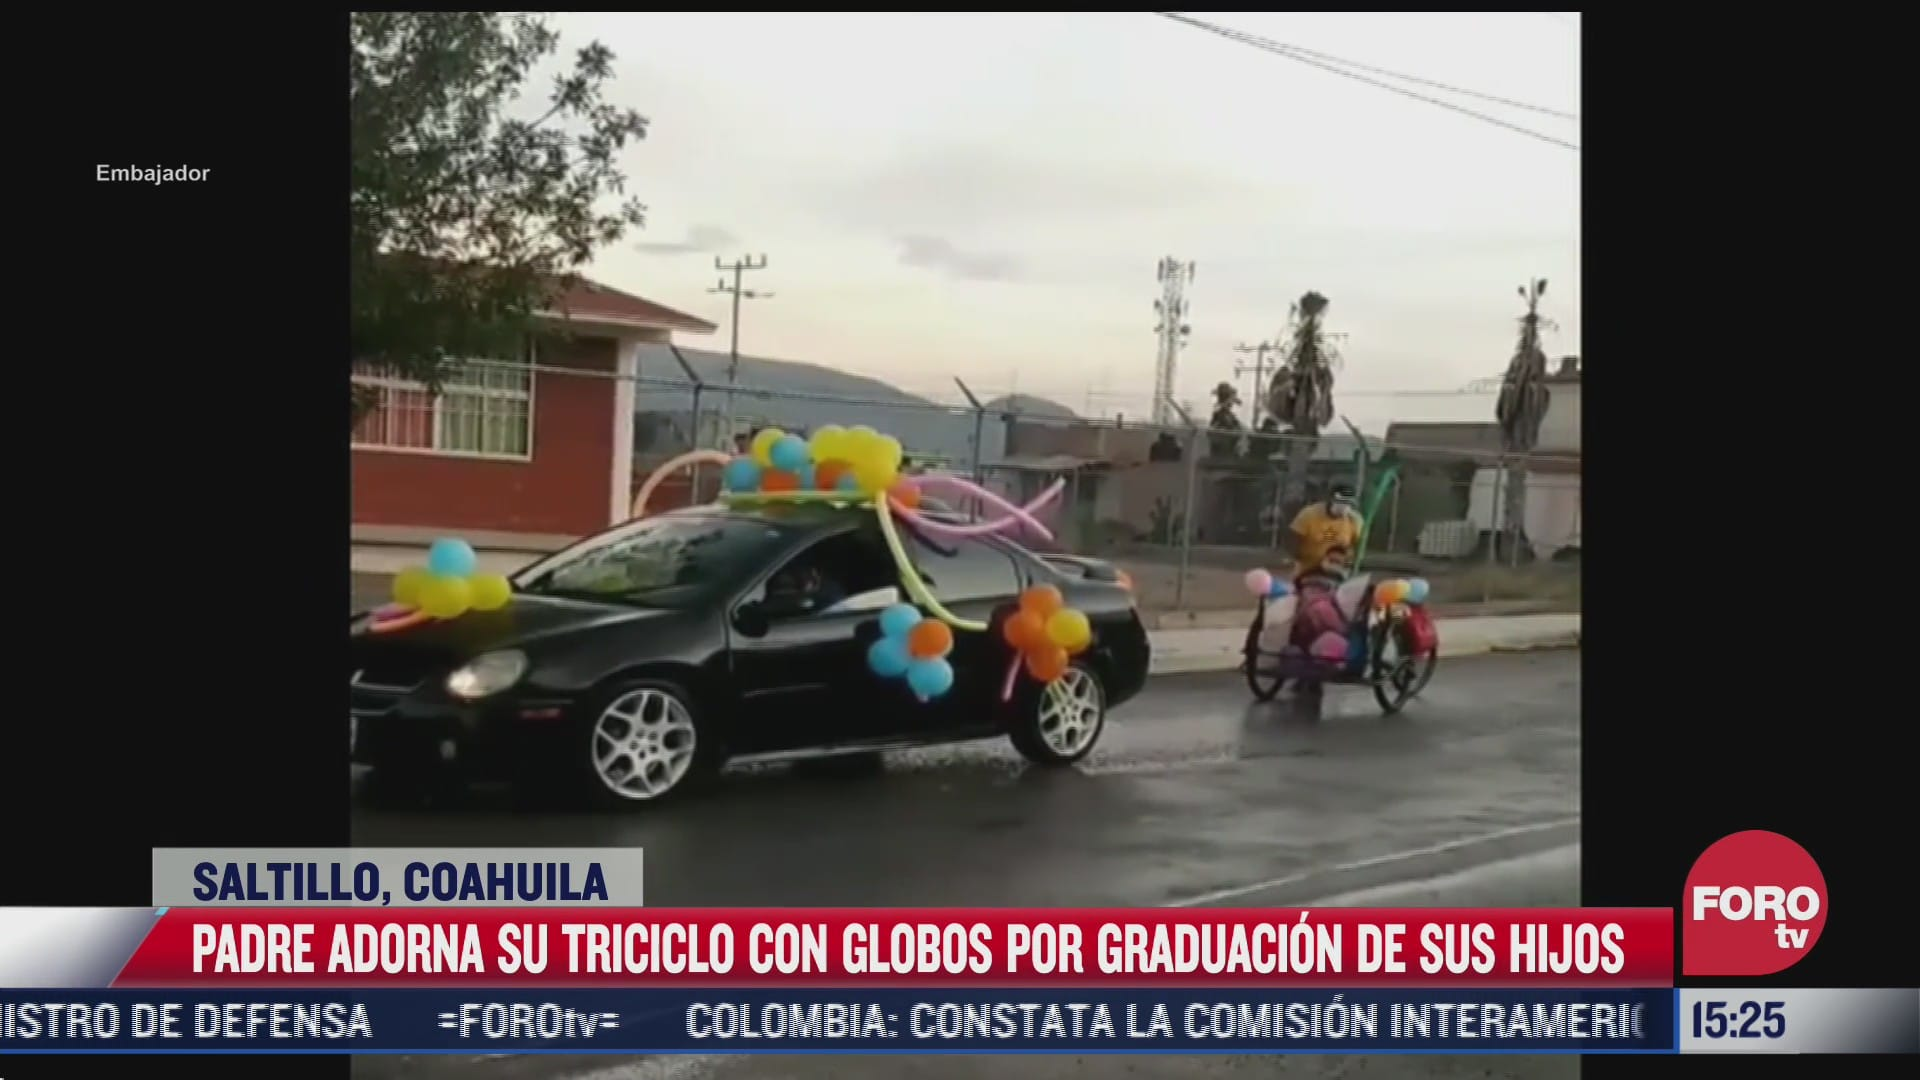 papa adorna triciclo con globos para celebrar la graduacion de su hijo en coahuila